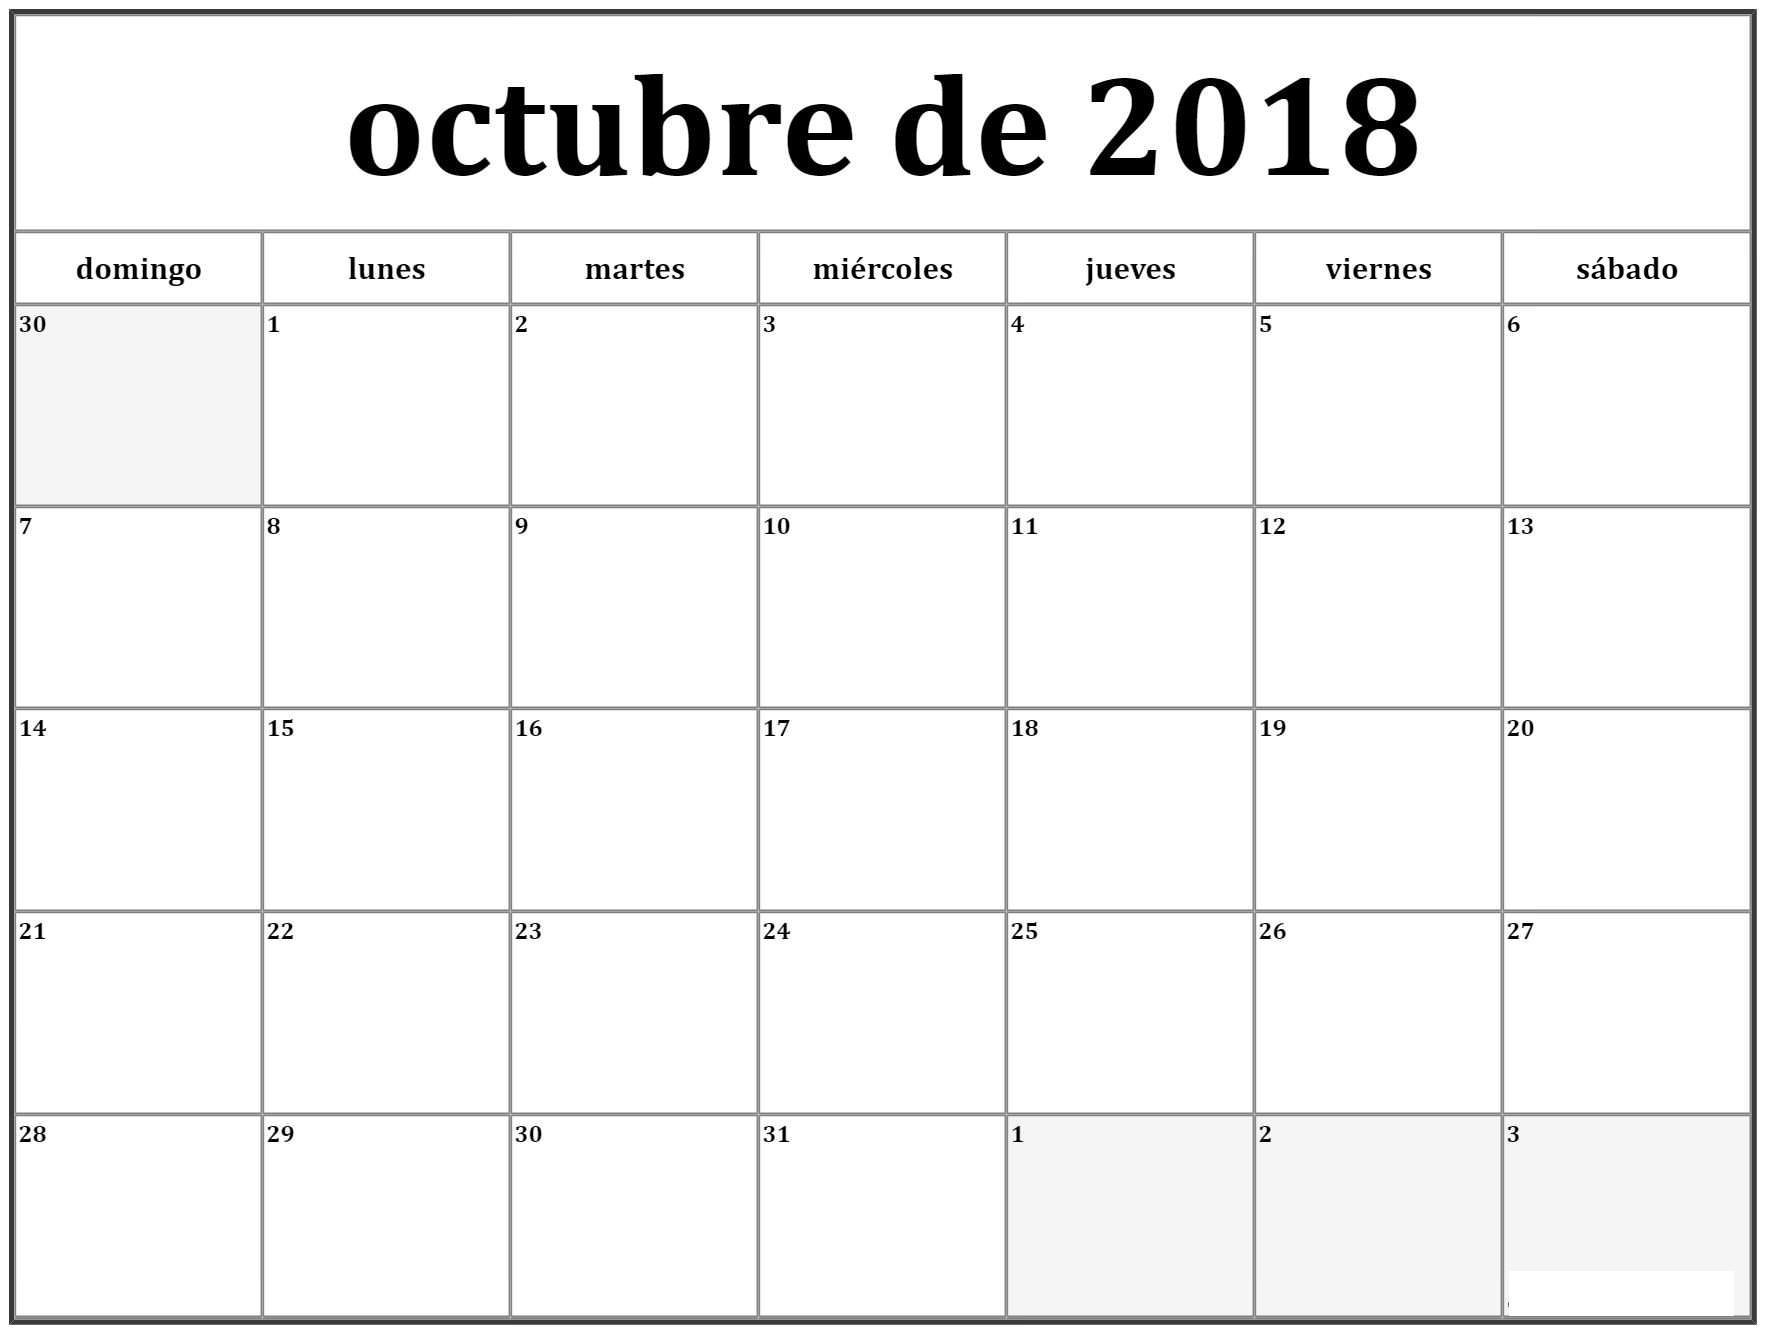 calendario 2019 colombia enero mas reciente calendario octubre 2018 colombia t of calendario 2019 colombia enero